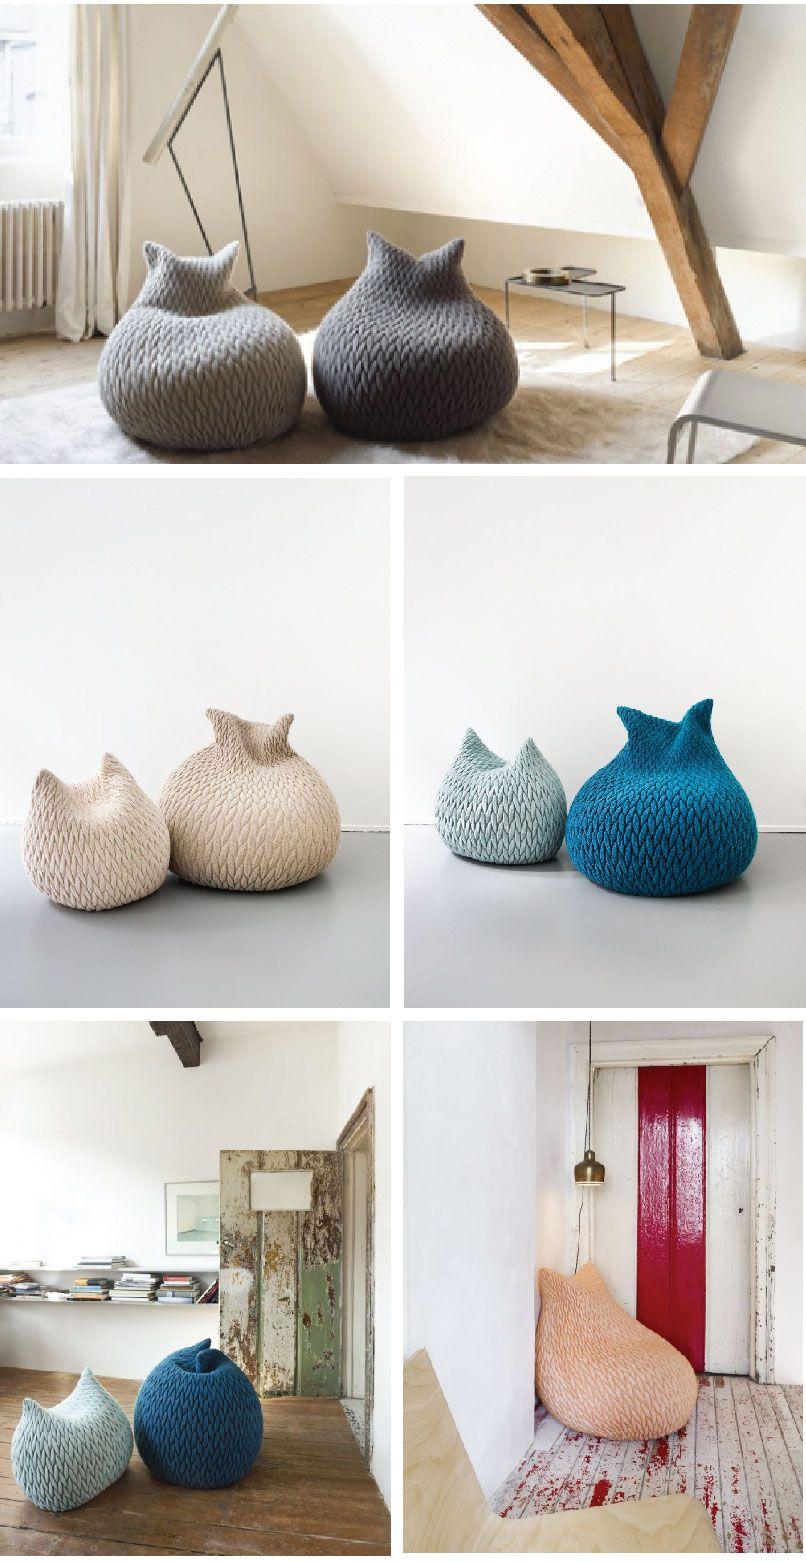 Sækkestole inspiration.. organiske udformninger, men i praktisk bævernylon/coated pvc-fri bomuld